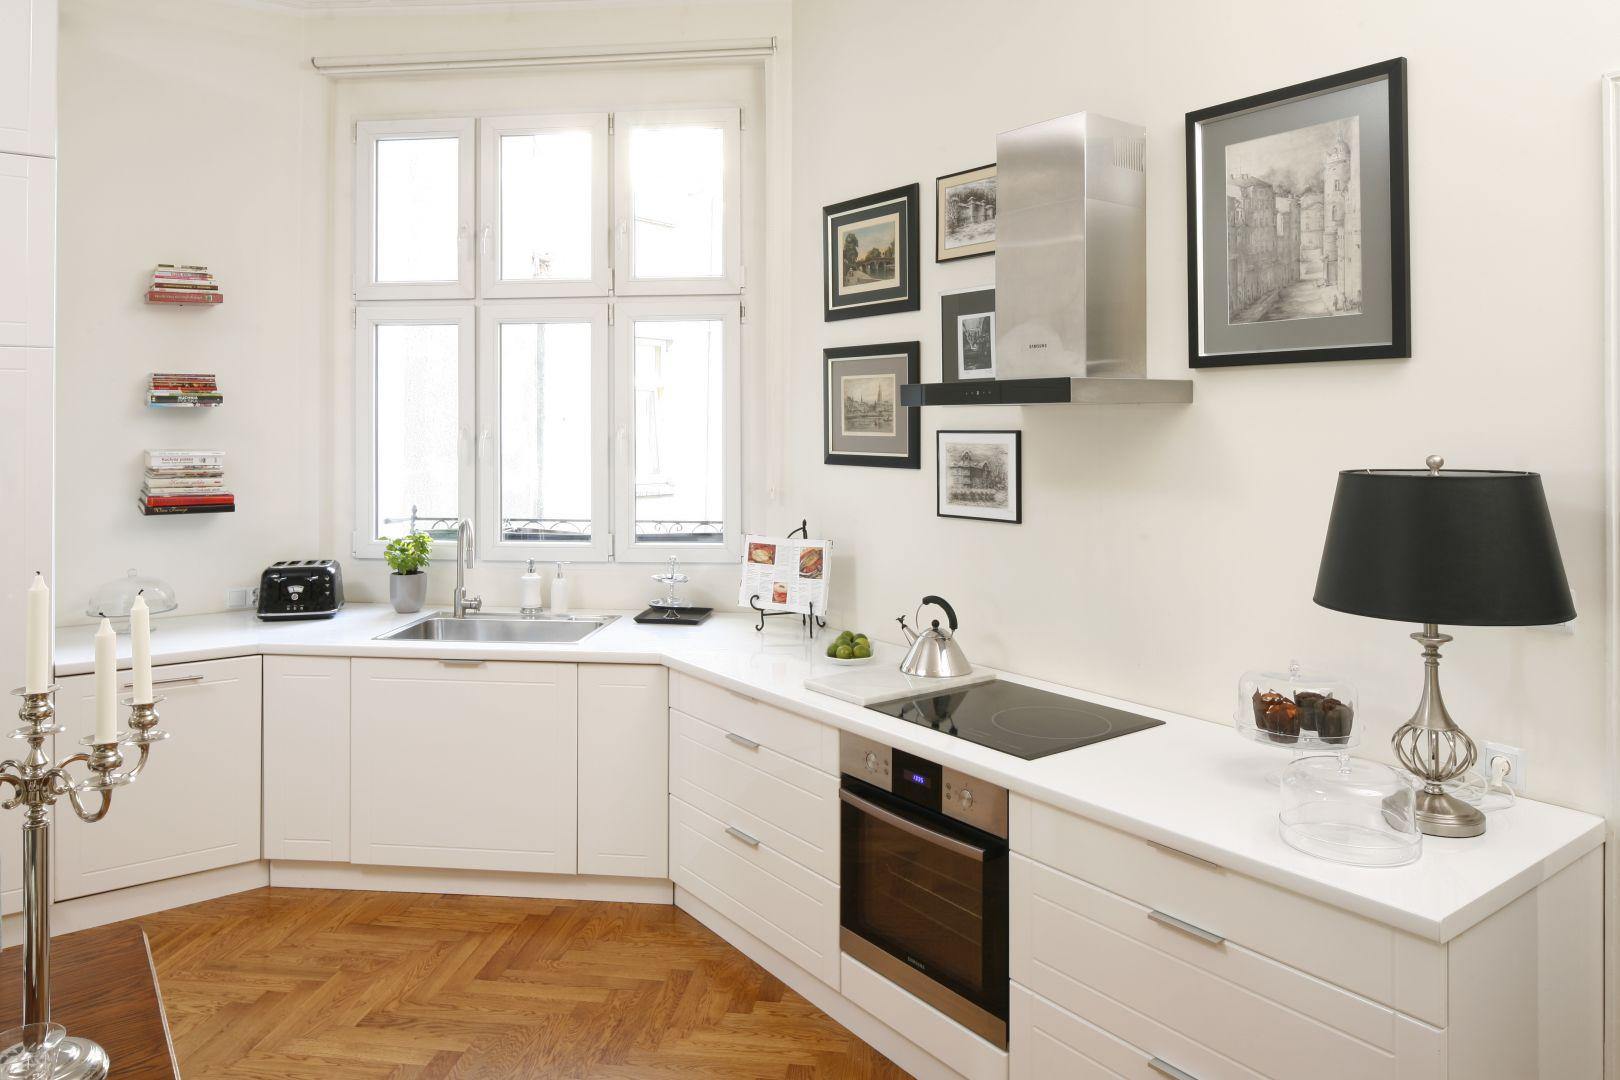 Biała kuchnia z białym blatem wprowadzi do wnętrza świeżość. Taka aranżacja może być zarówno nowoczesna jak i klasyczna. Projekt: Iwona Kurkowska. Fot. Bartosz Jarosz